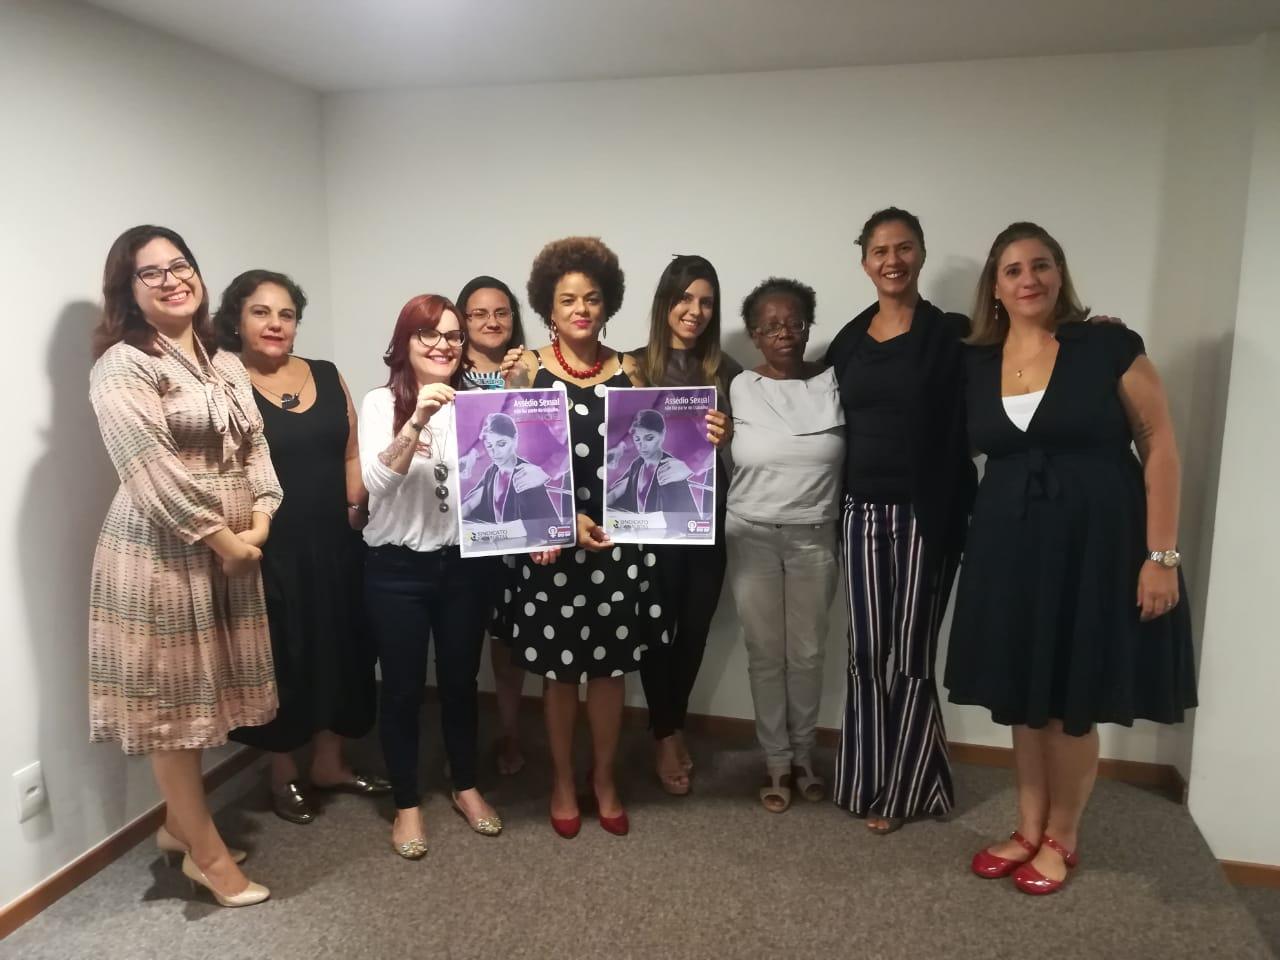 Coletivo de Mulheres lança campanha que visa combater assédio sexual no Jornalismo